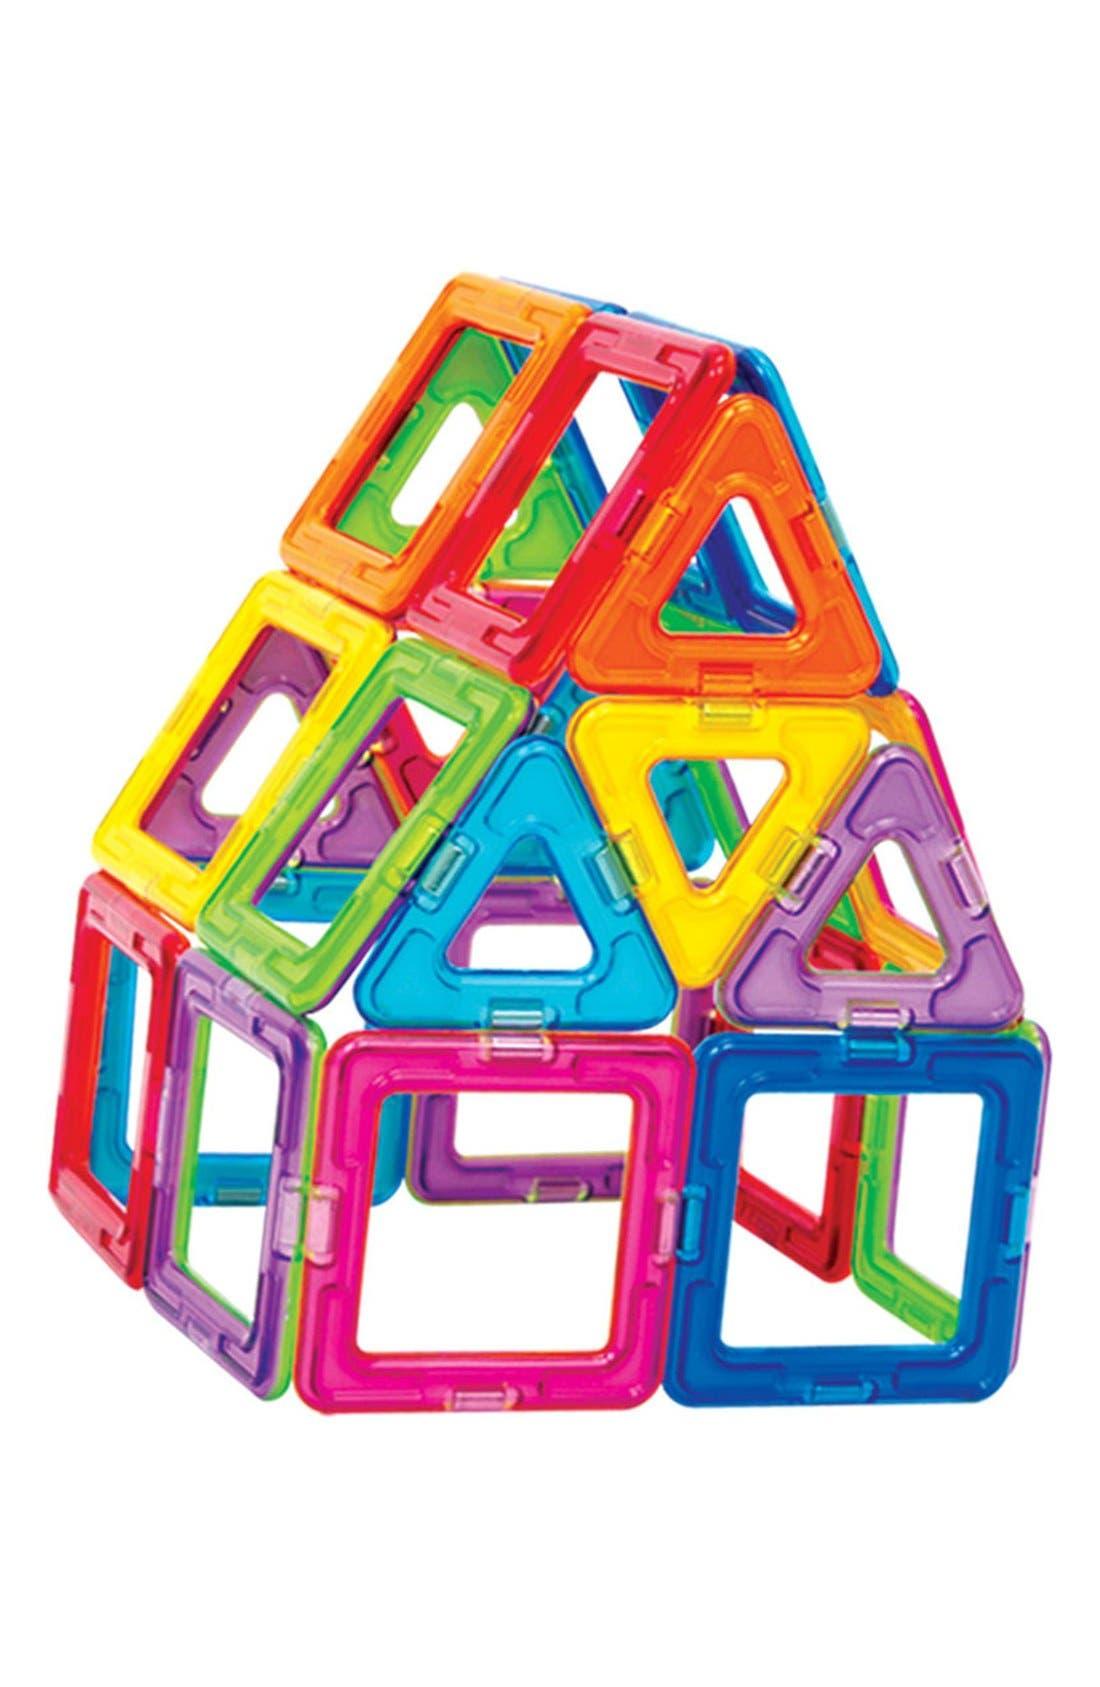 'Standard' Magnetic 3D Construction Set,                             Alternate thumbnail 7, color,                             Rainbow